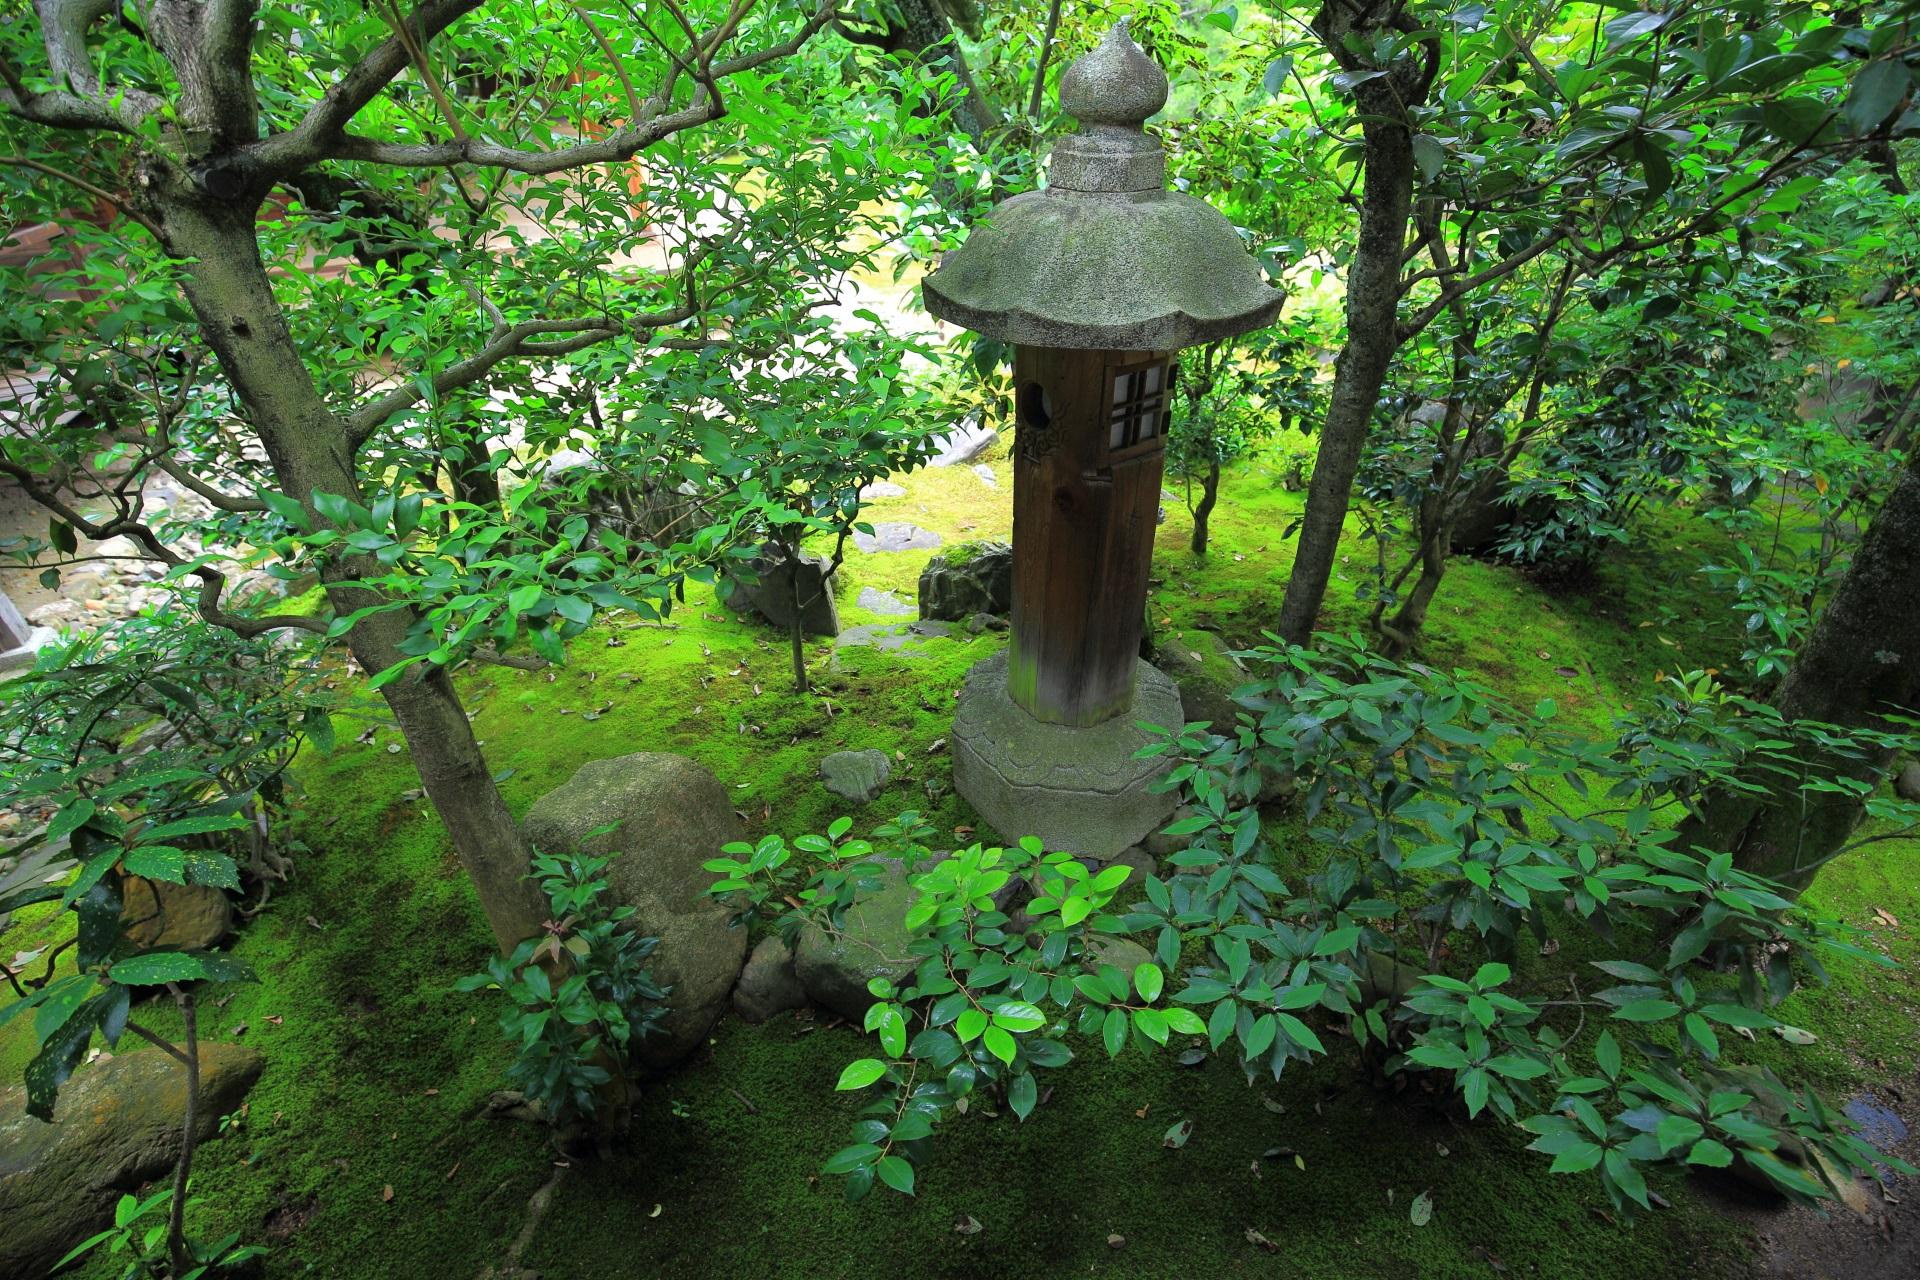 本法寺の緑につつまれた木の燈籠